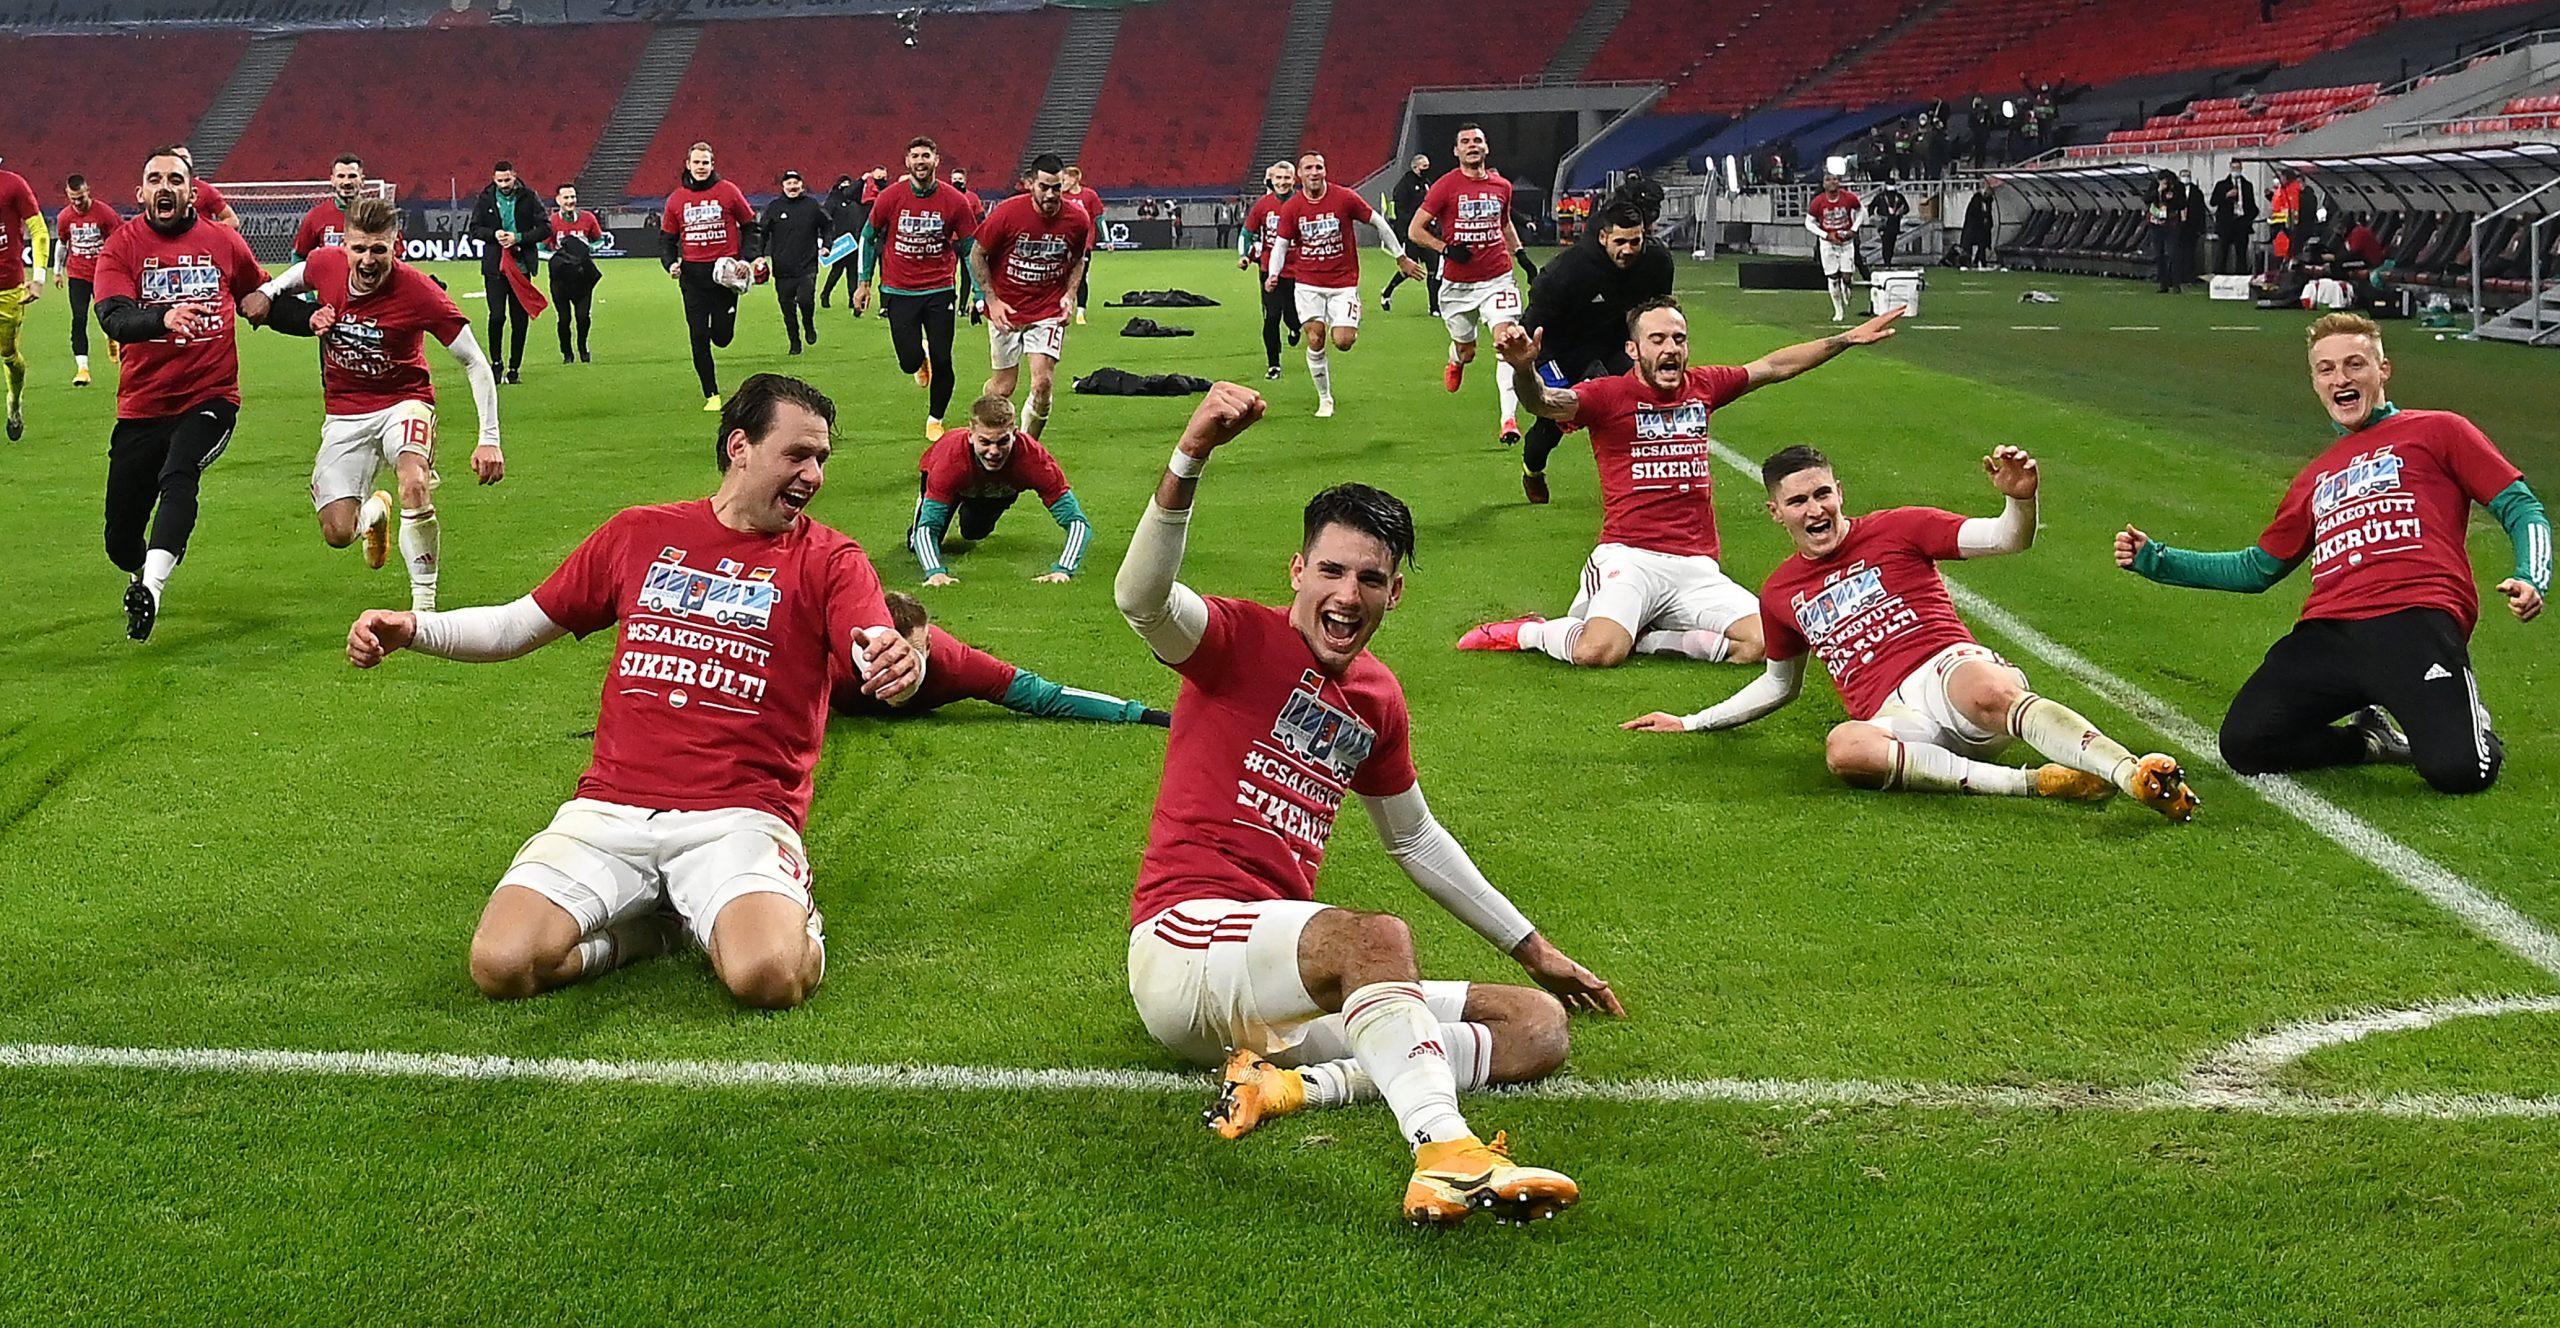 Nach dem Siegestreffer von Szoboszlai ist Ungarn Deutschland-Gegner bei der Fußball-EM